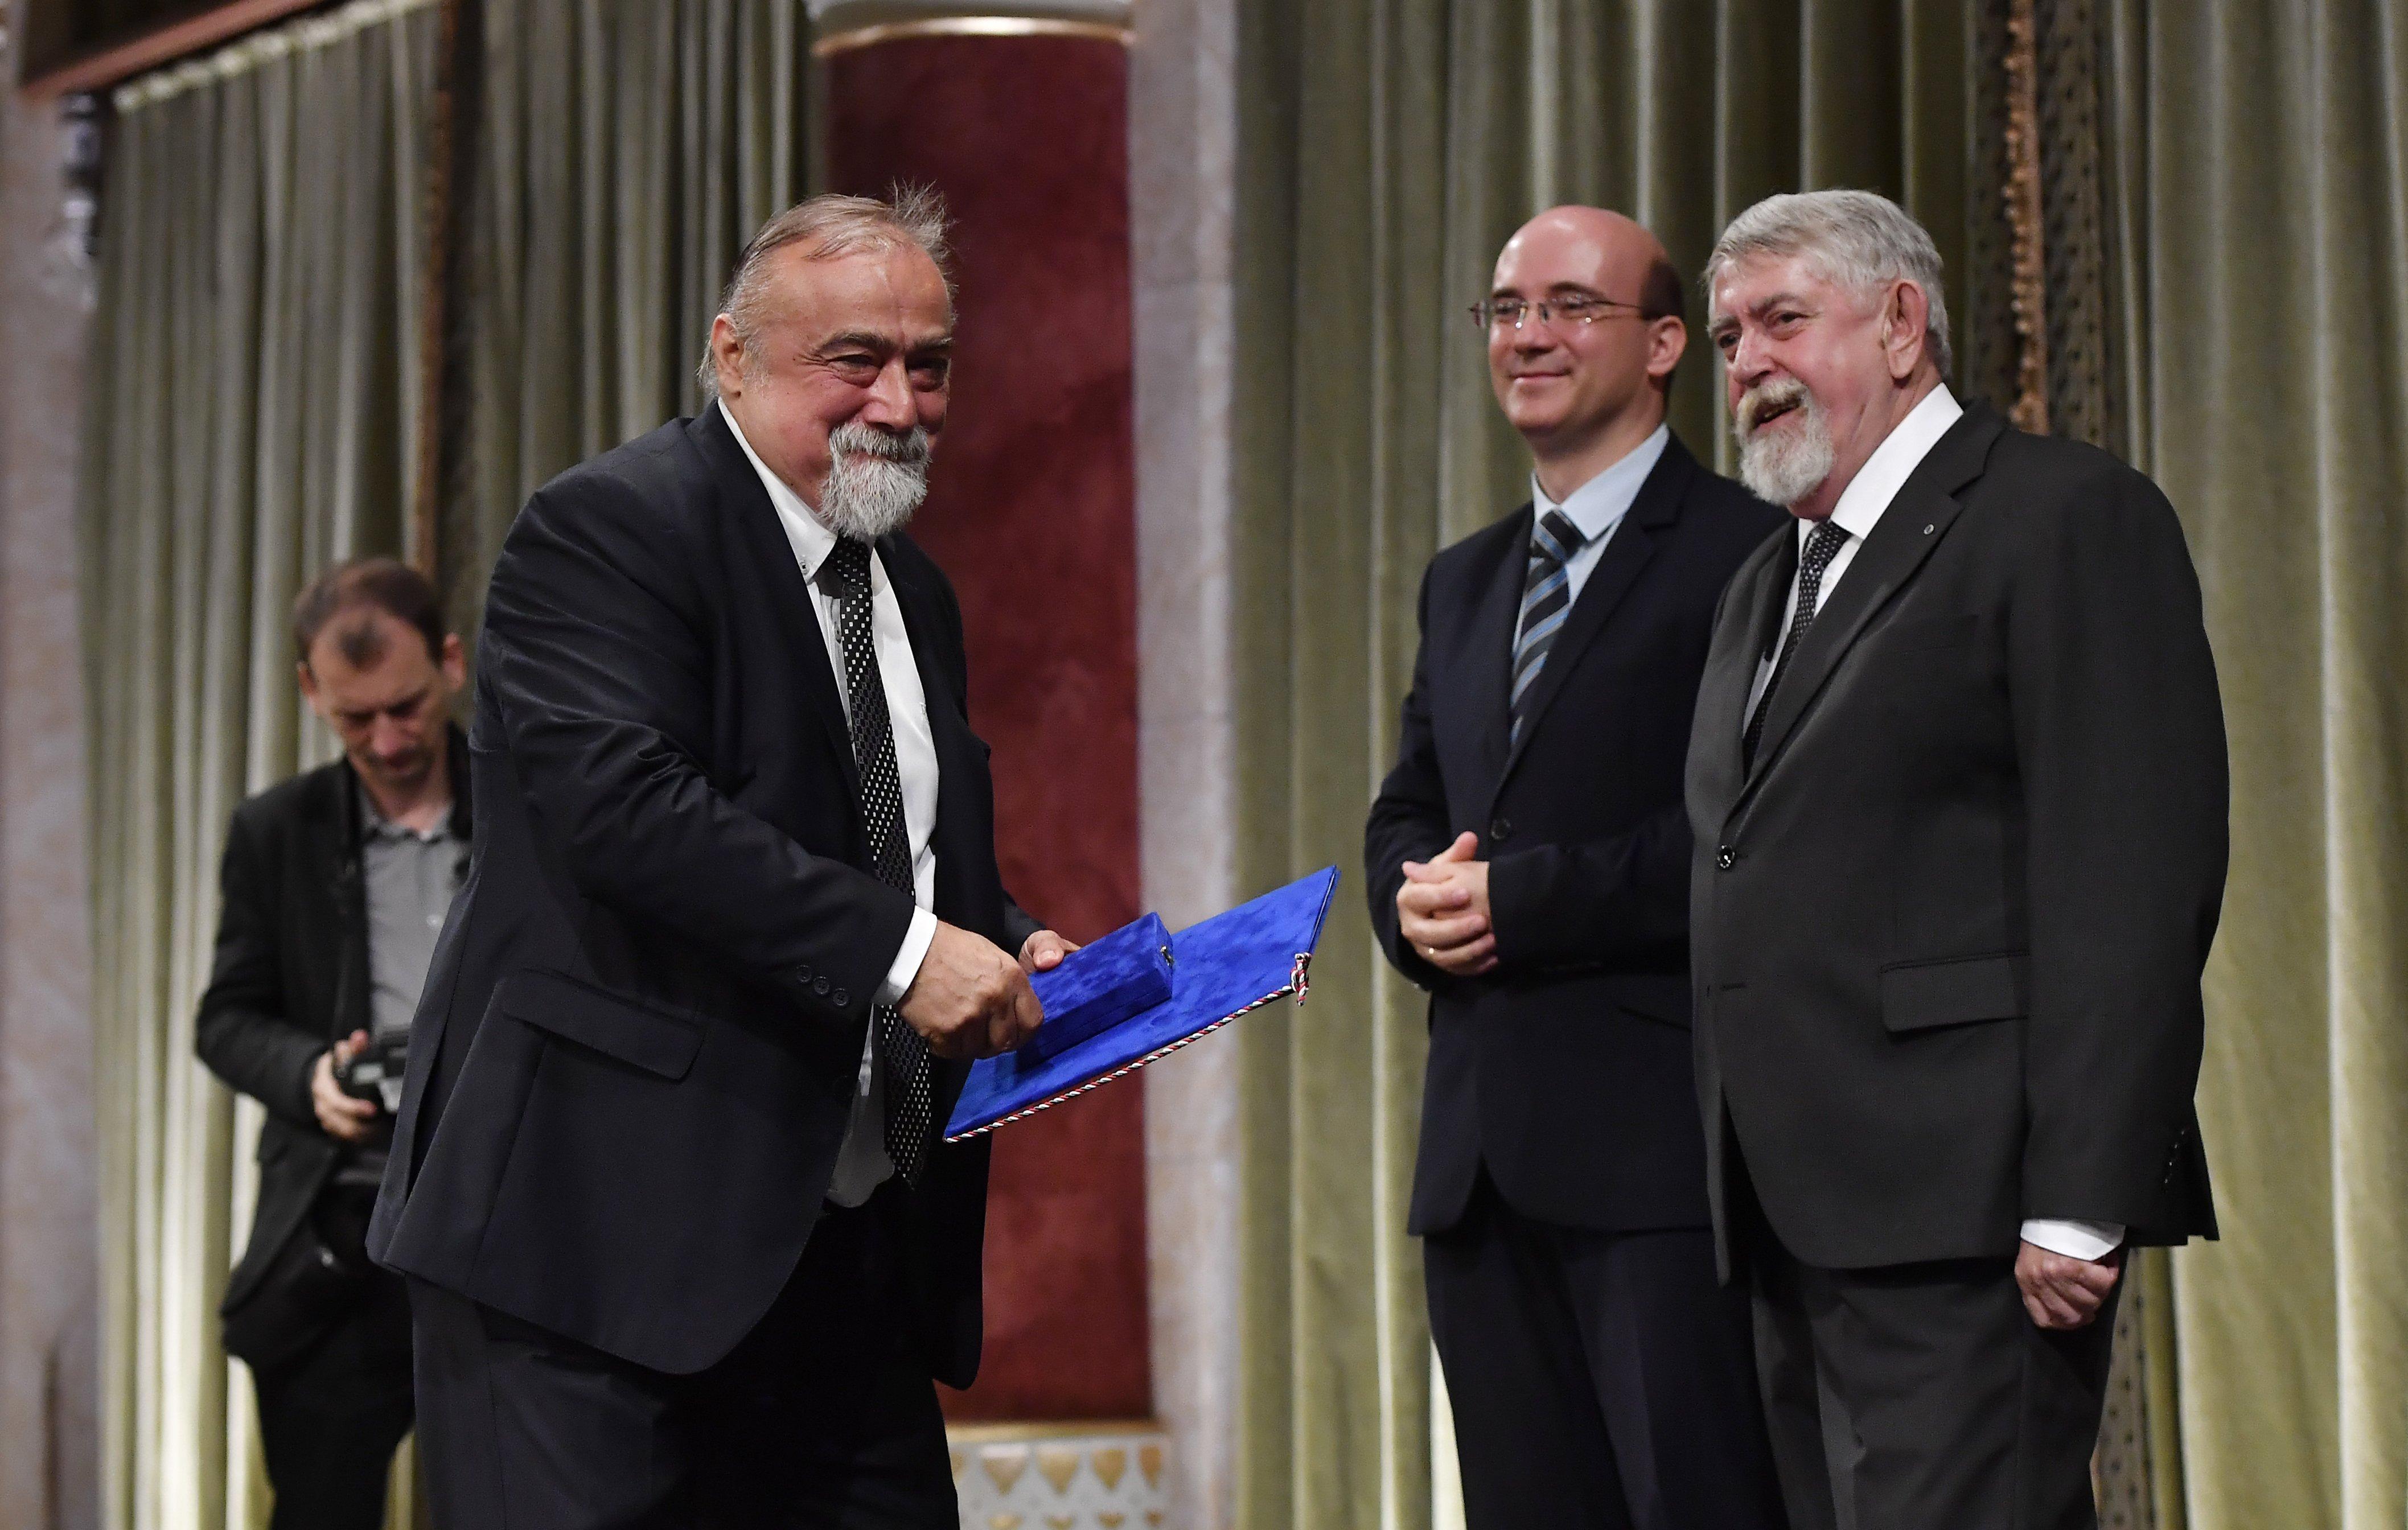 Kásler megint díjat adott Takaró Mihály szélsőjobboldali történésznek, de Mága Zoltánnak is